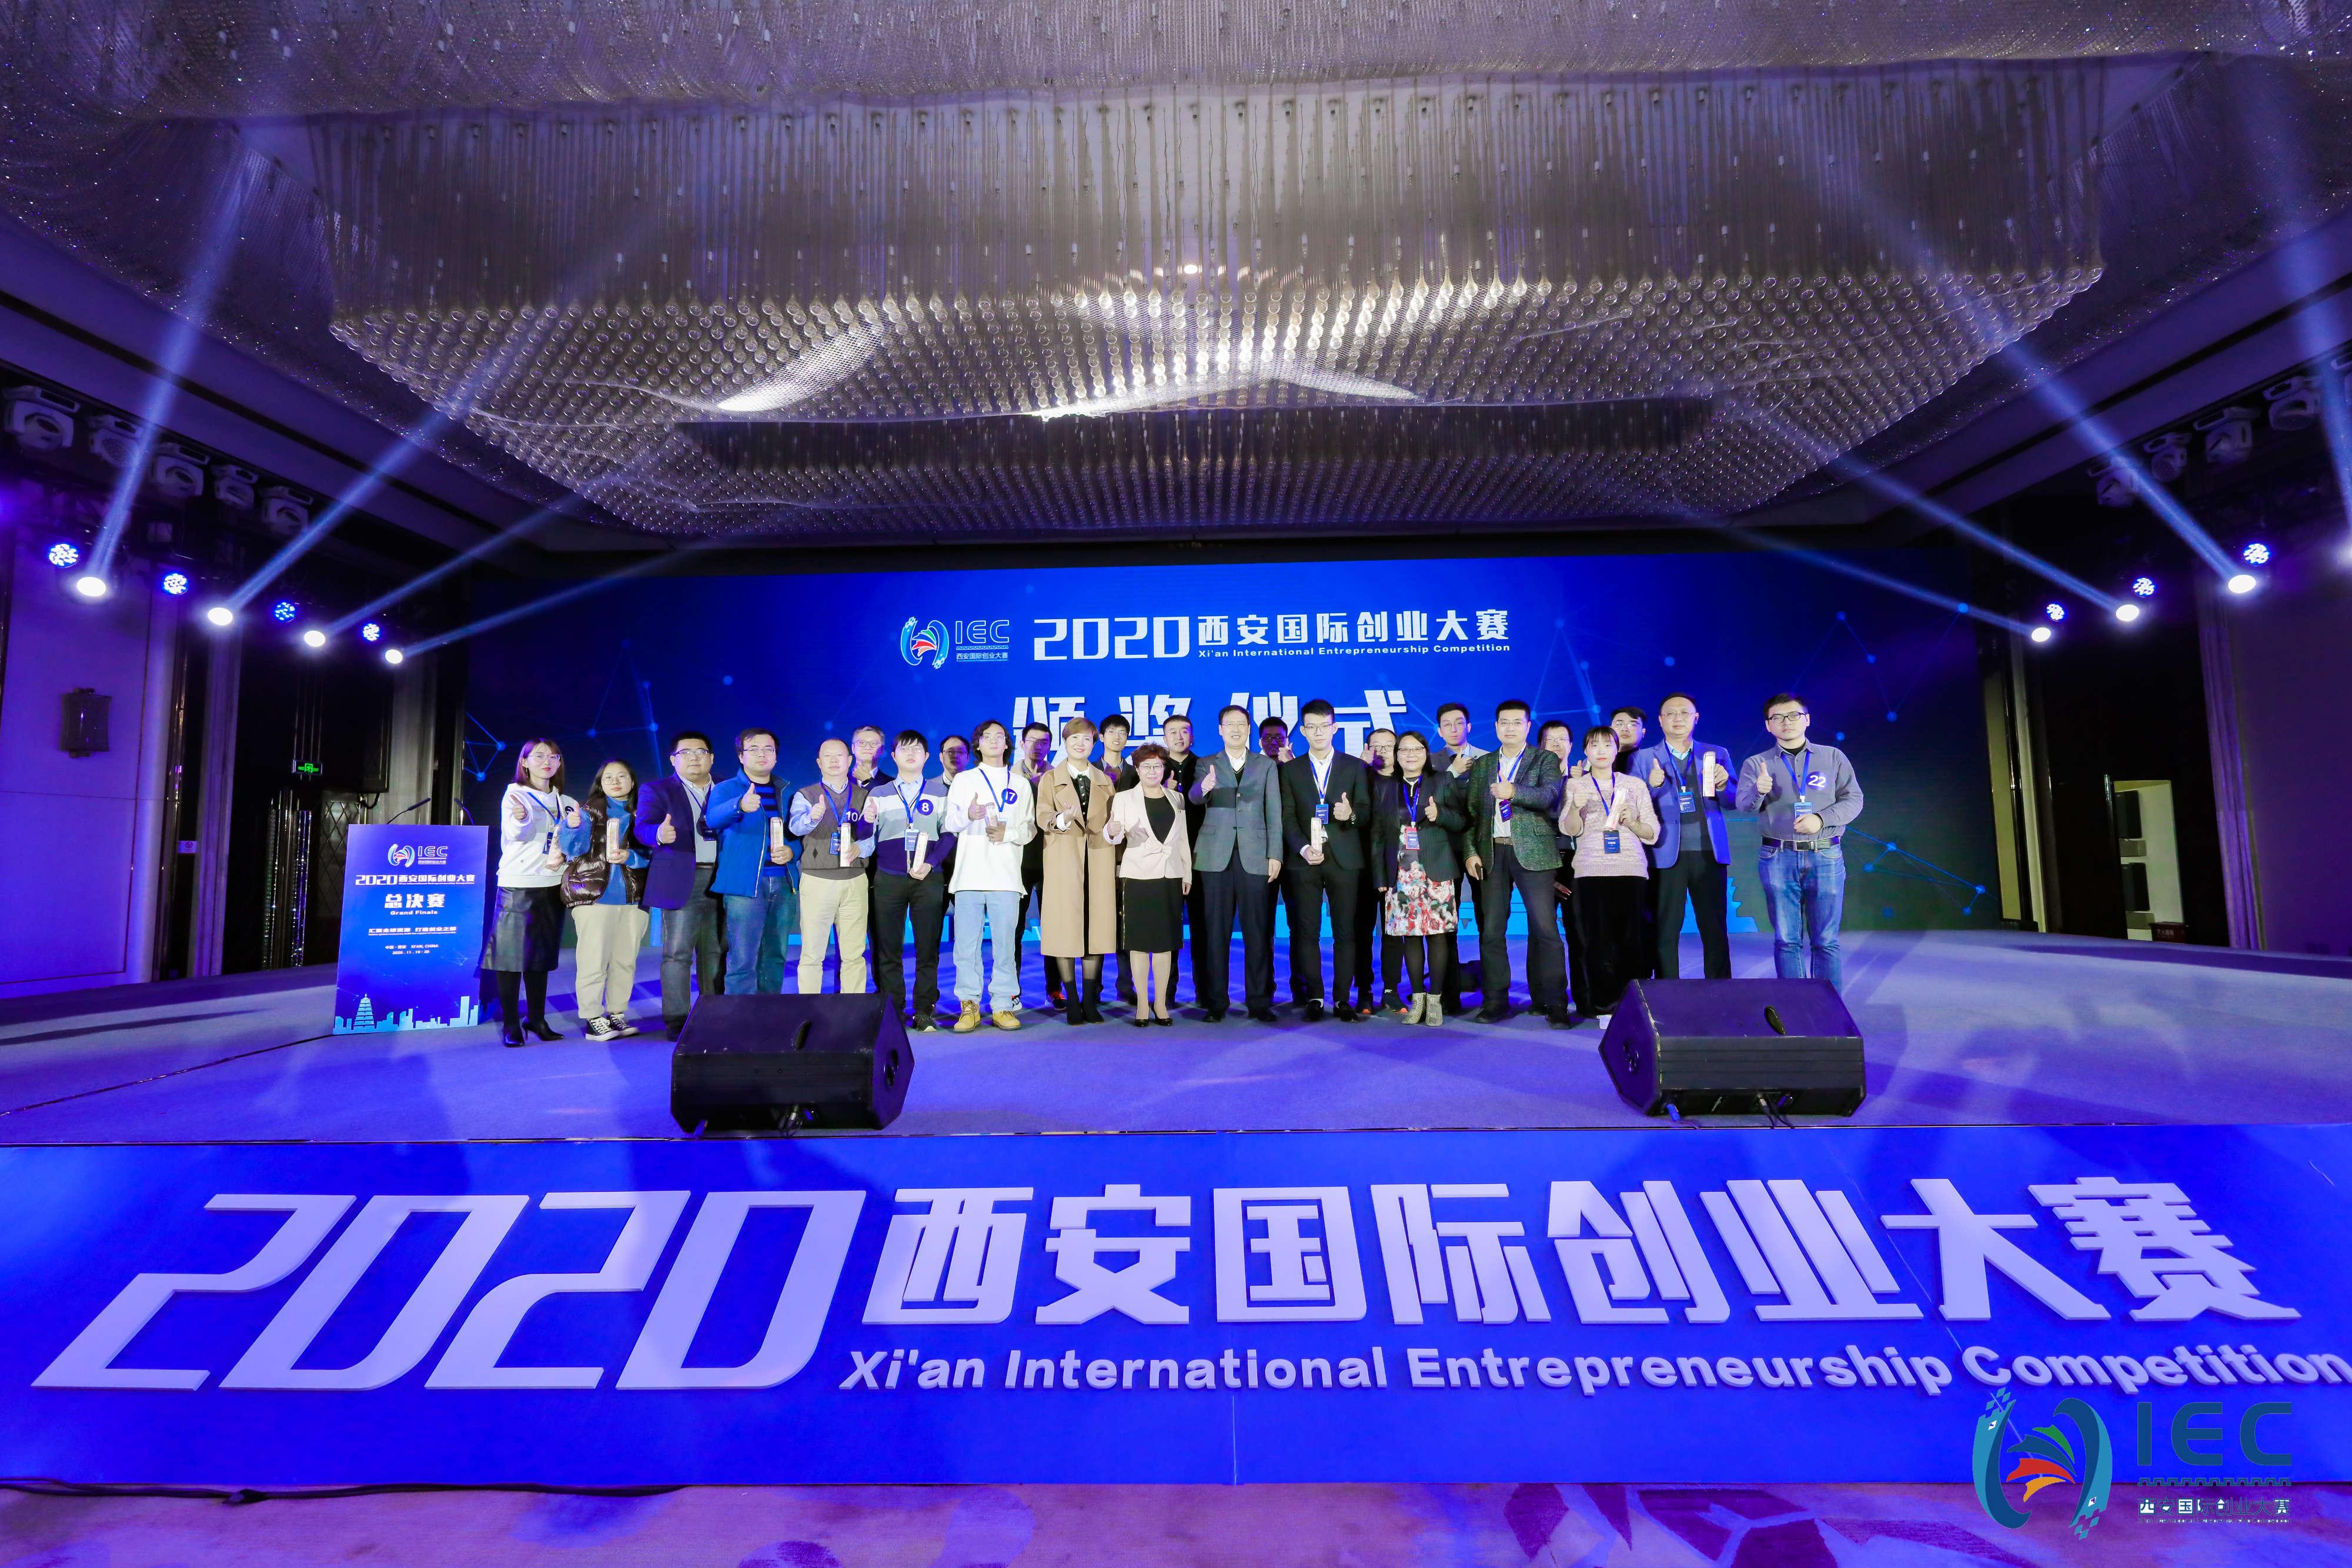 2020西安国际创业大赛决赛及颁奖典礼圆满落幕